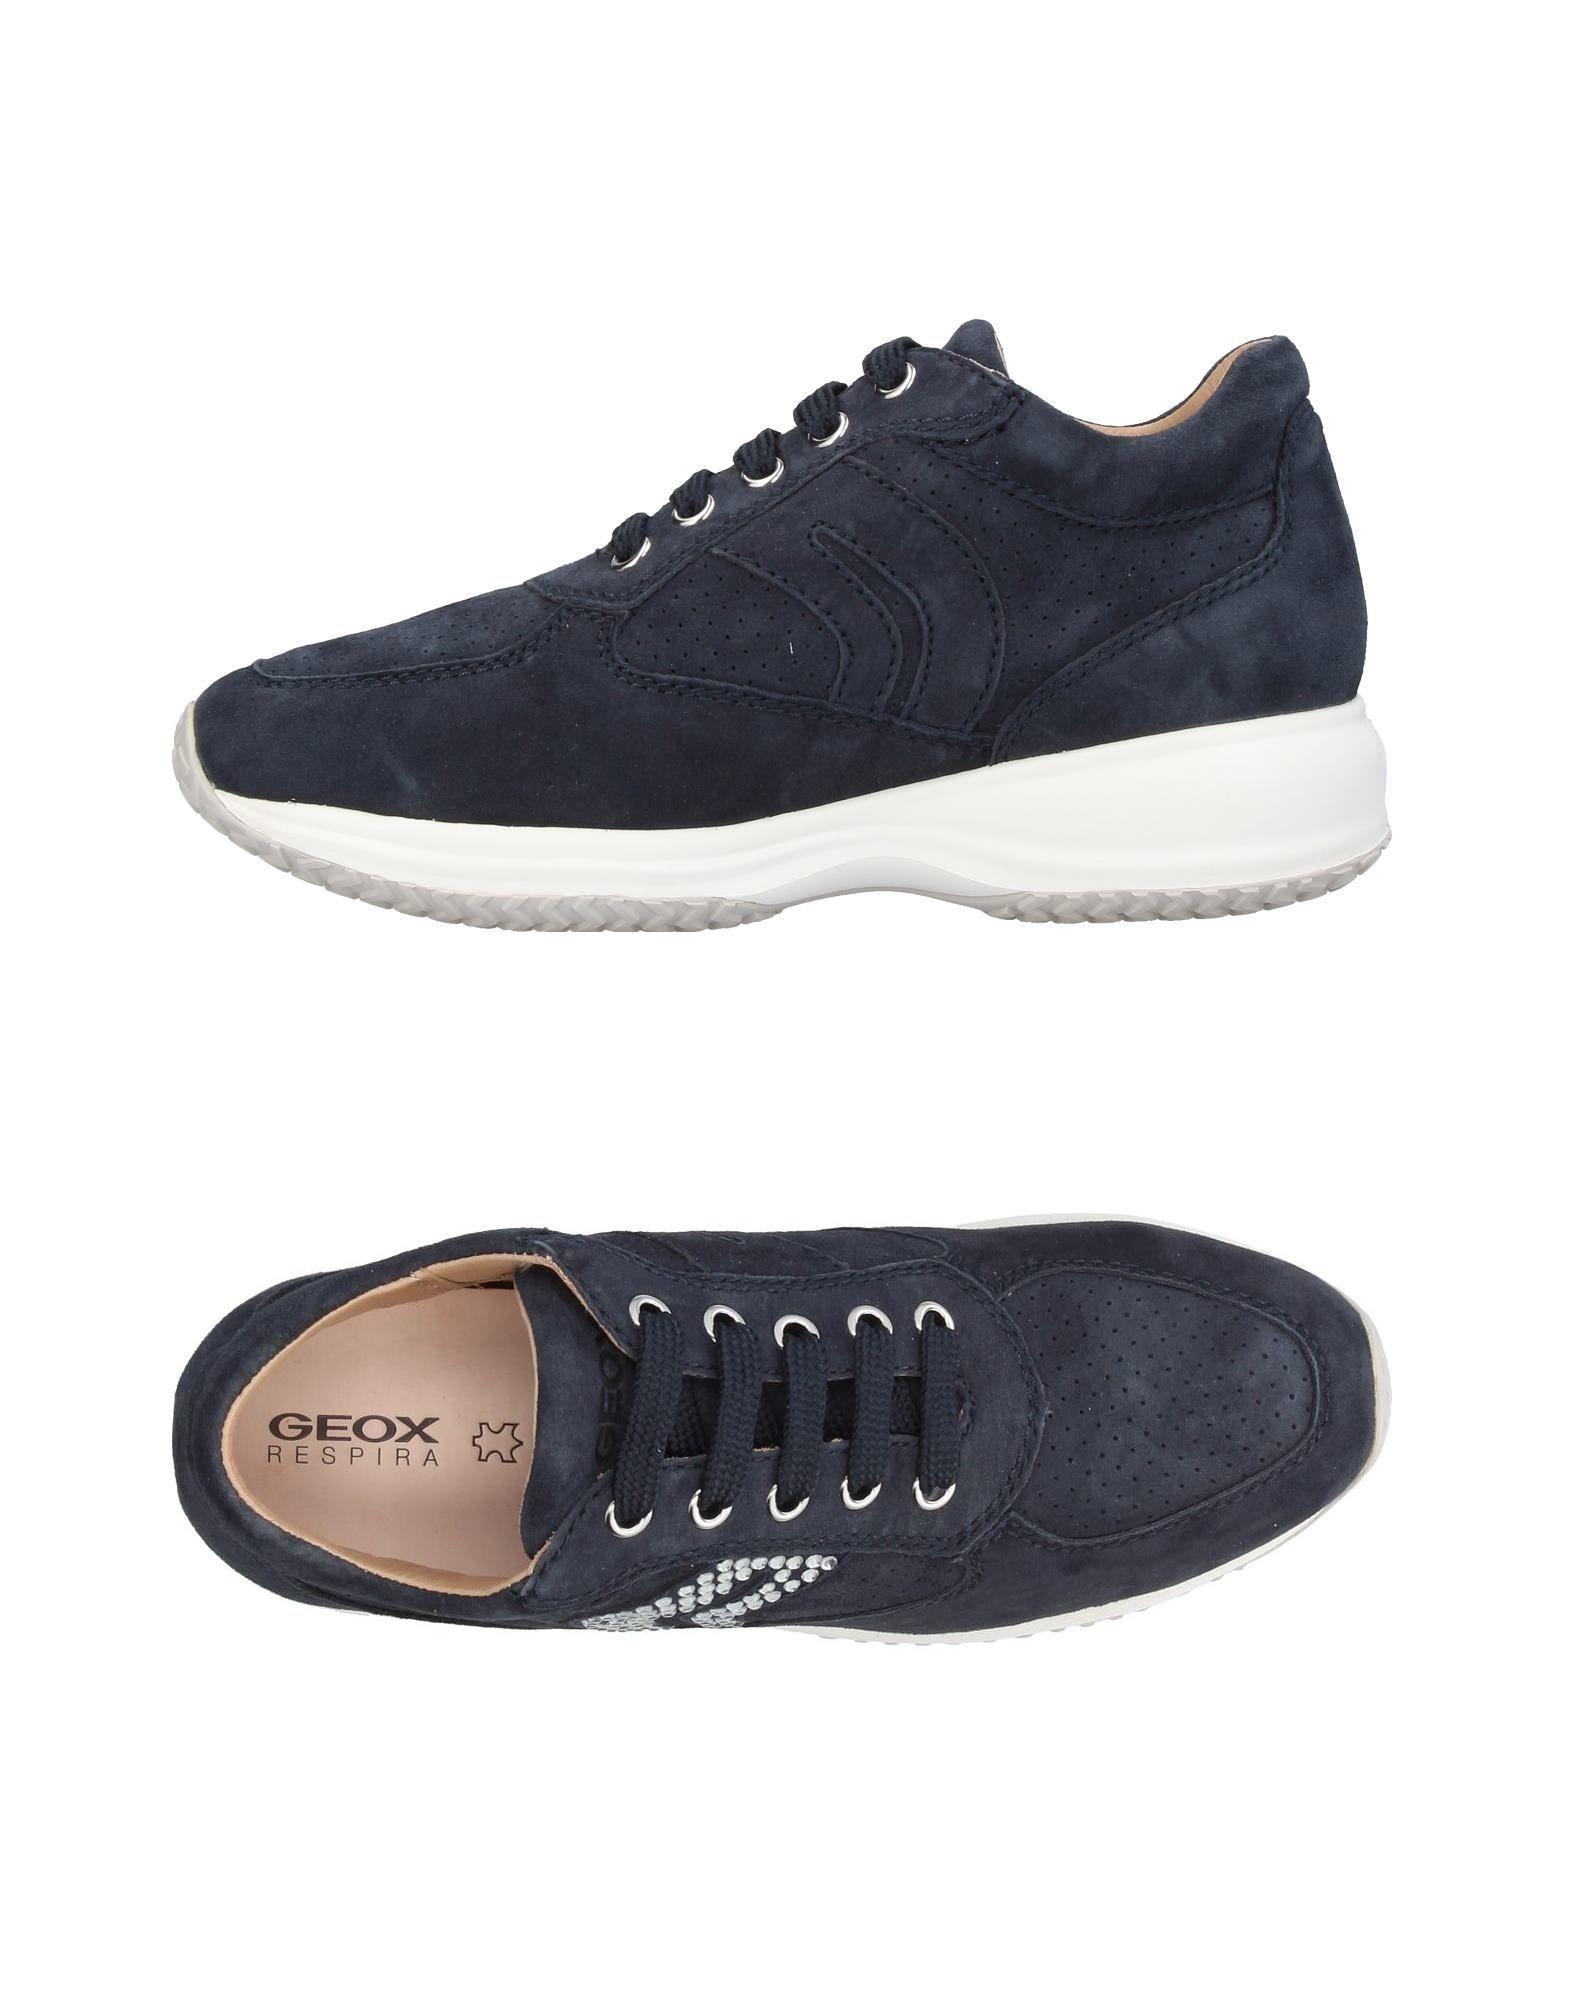 Geox Sneakers Damen 11414092AC  11414092AC Damen fcac0b